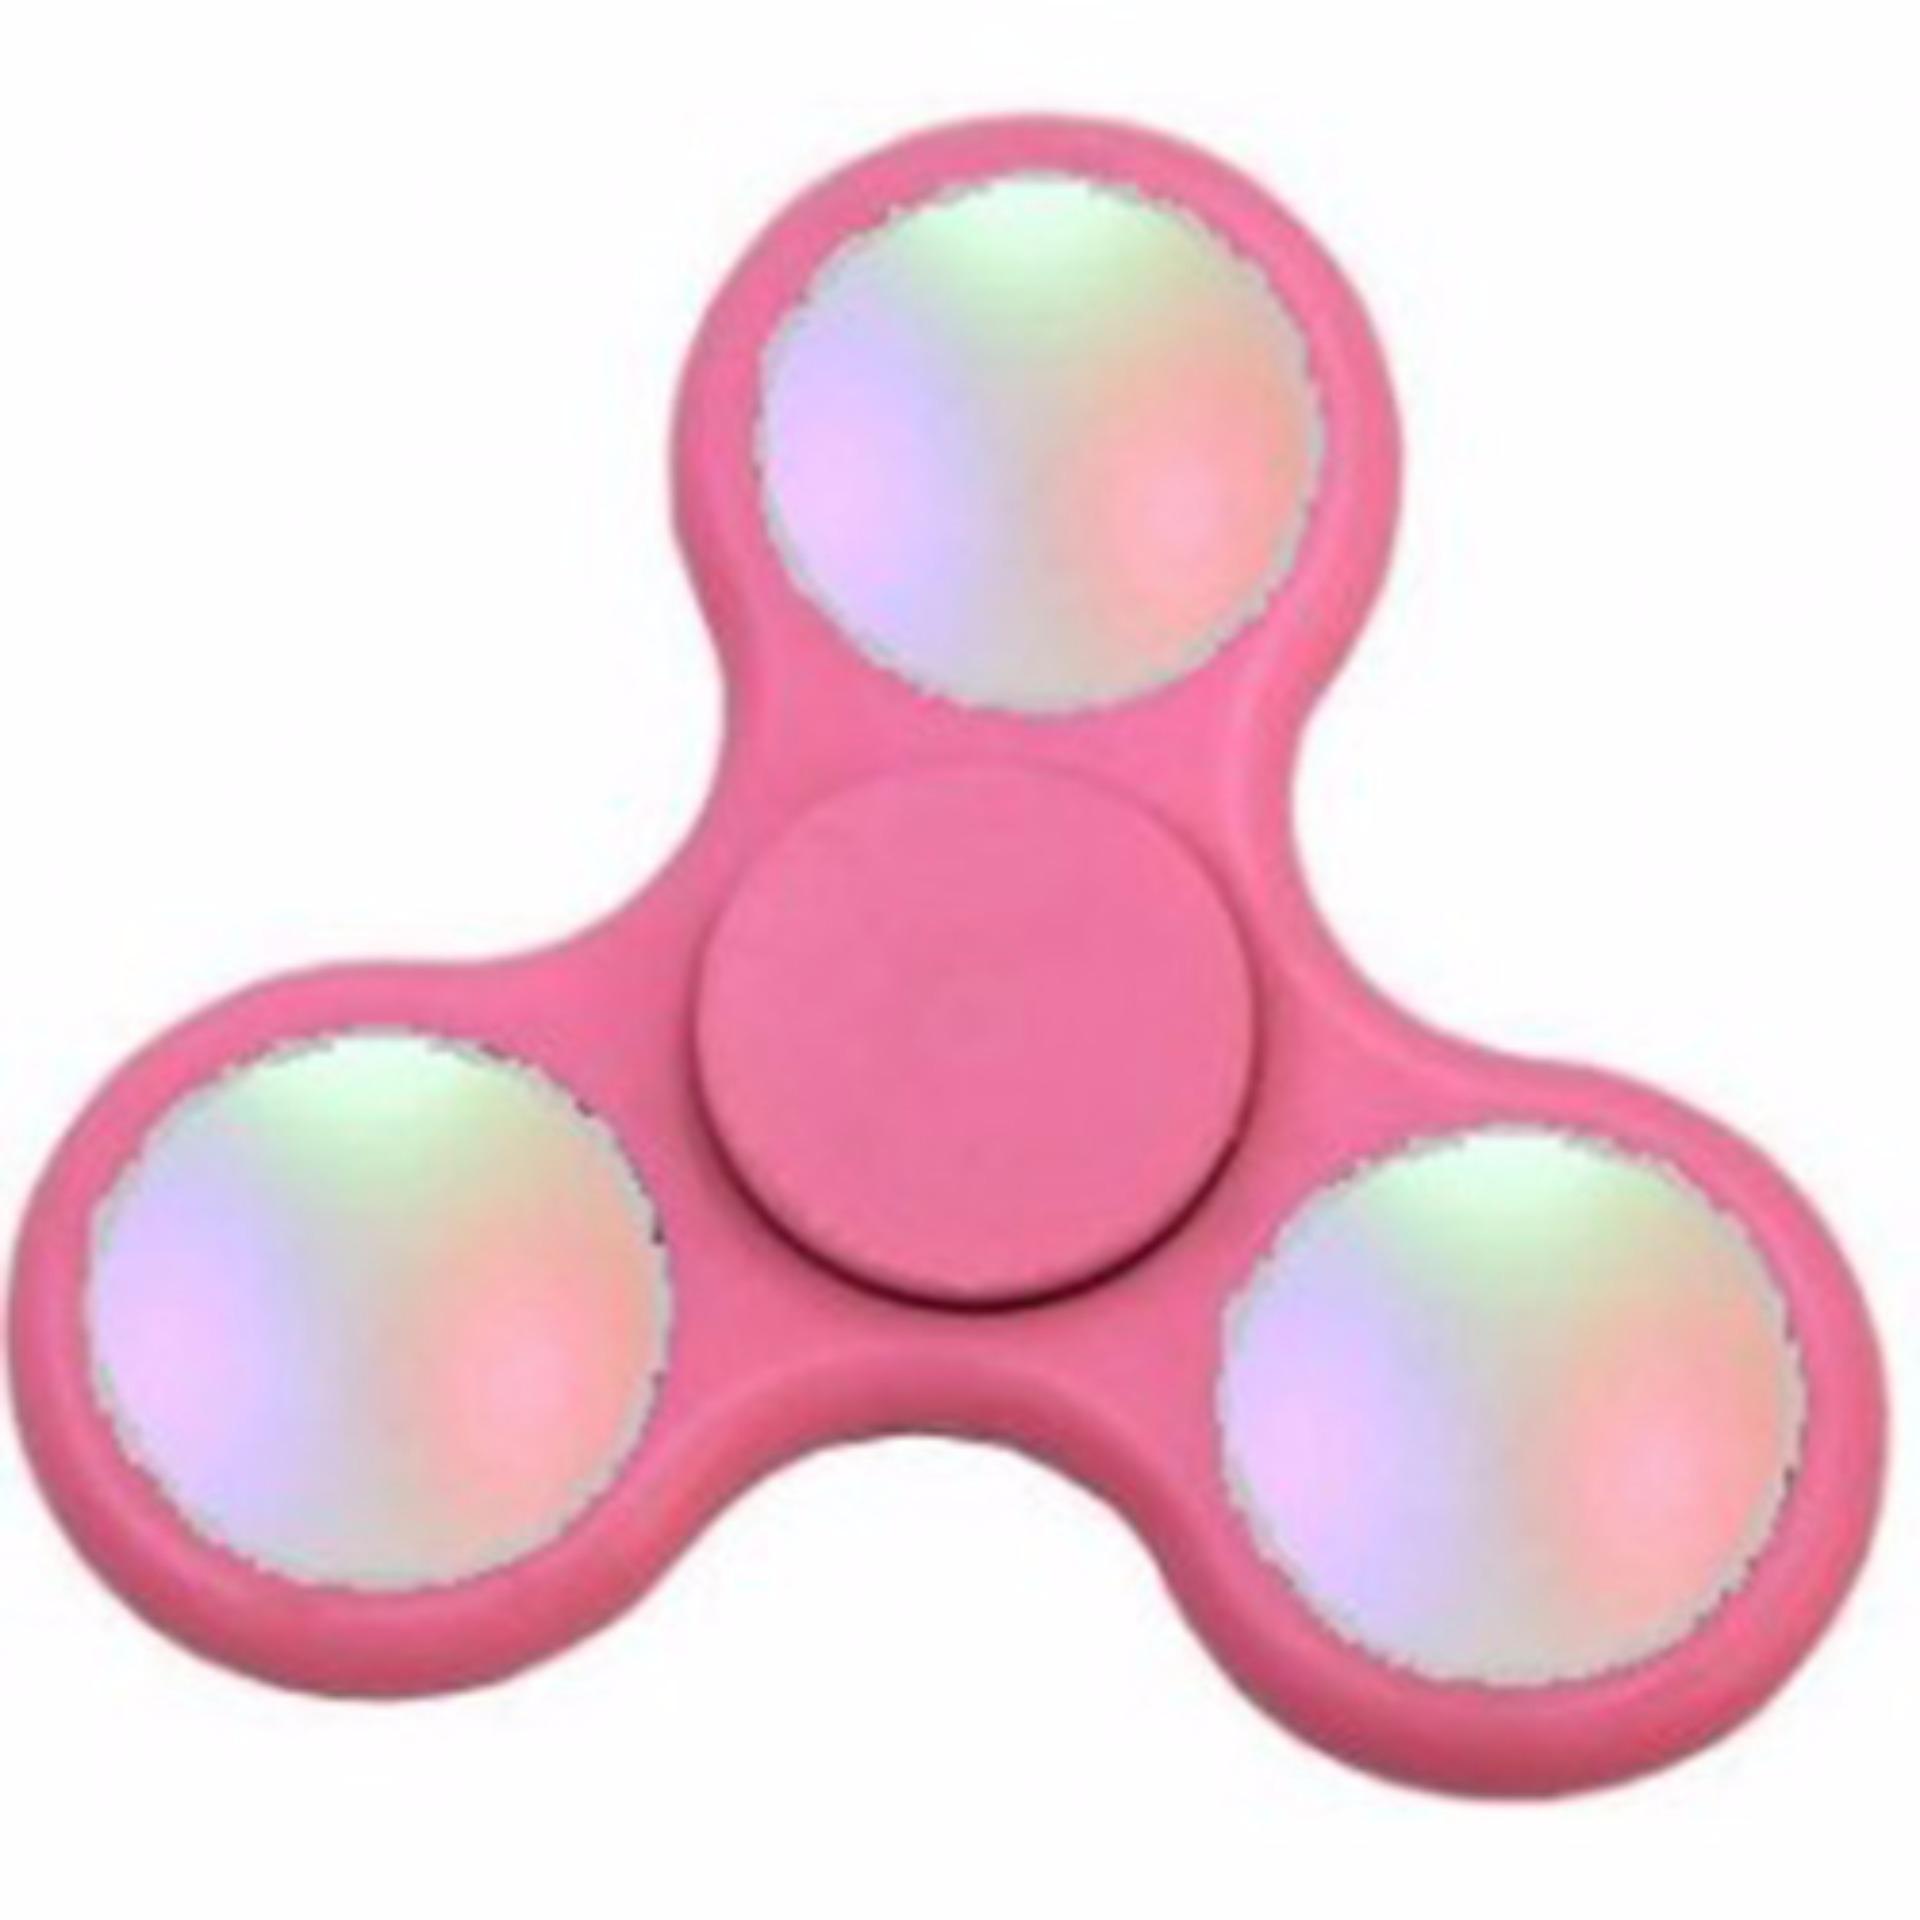 ... ANGEL - LED Fidget Spinner Hand Toys Mainan Tri-Spinner EDC Ceramic Ball Focus Games ...